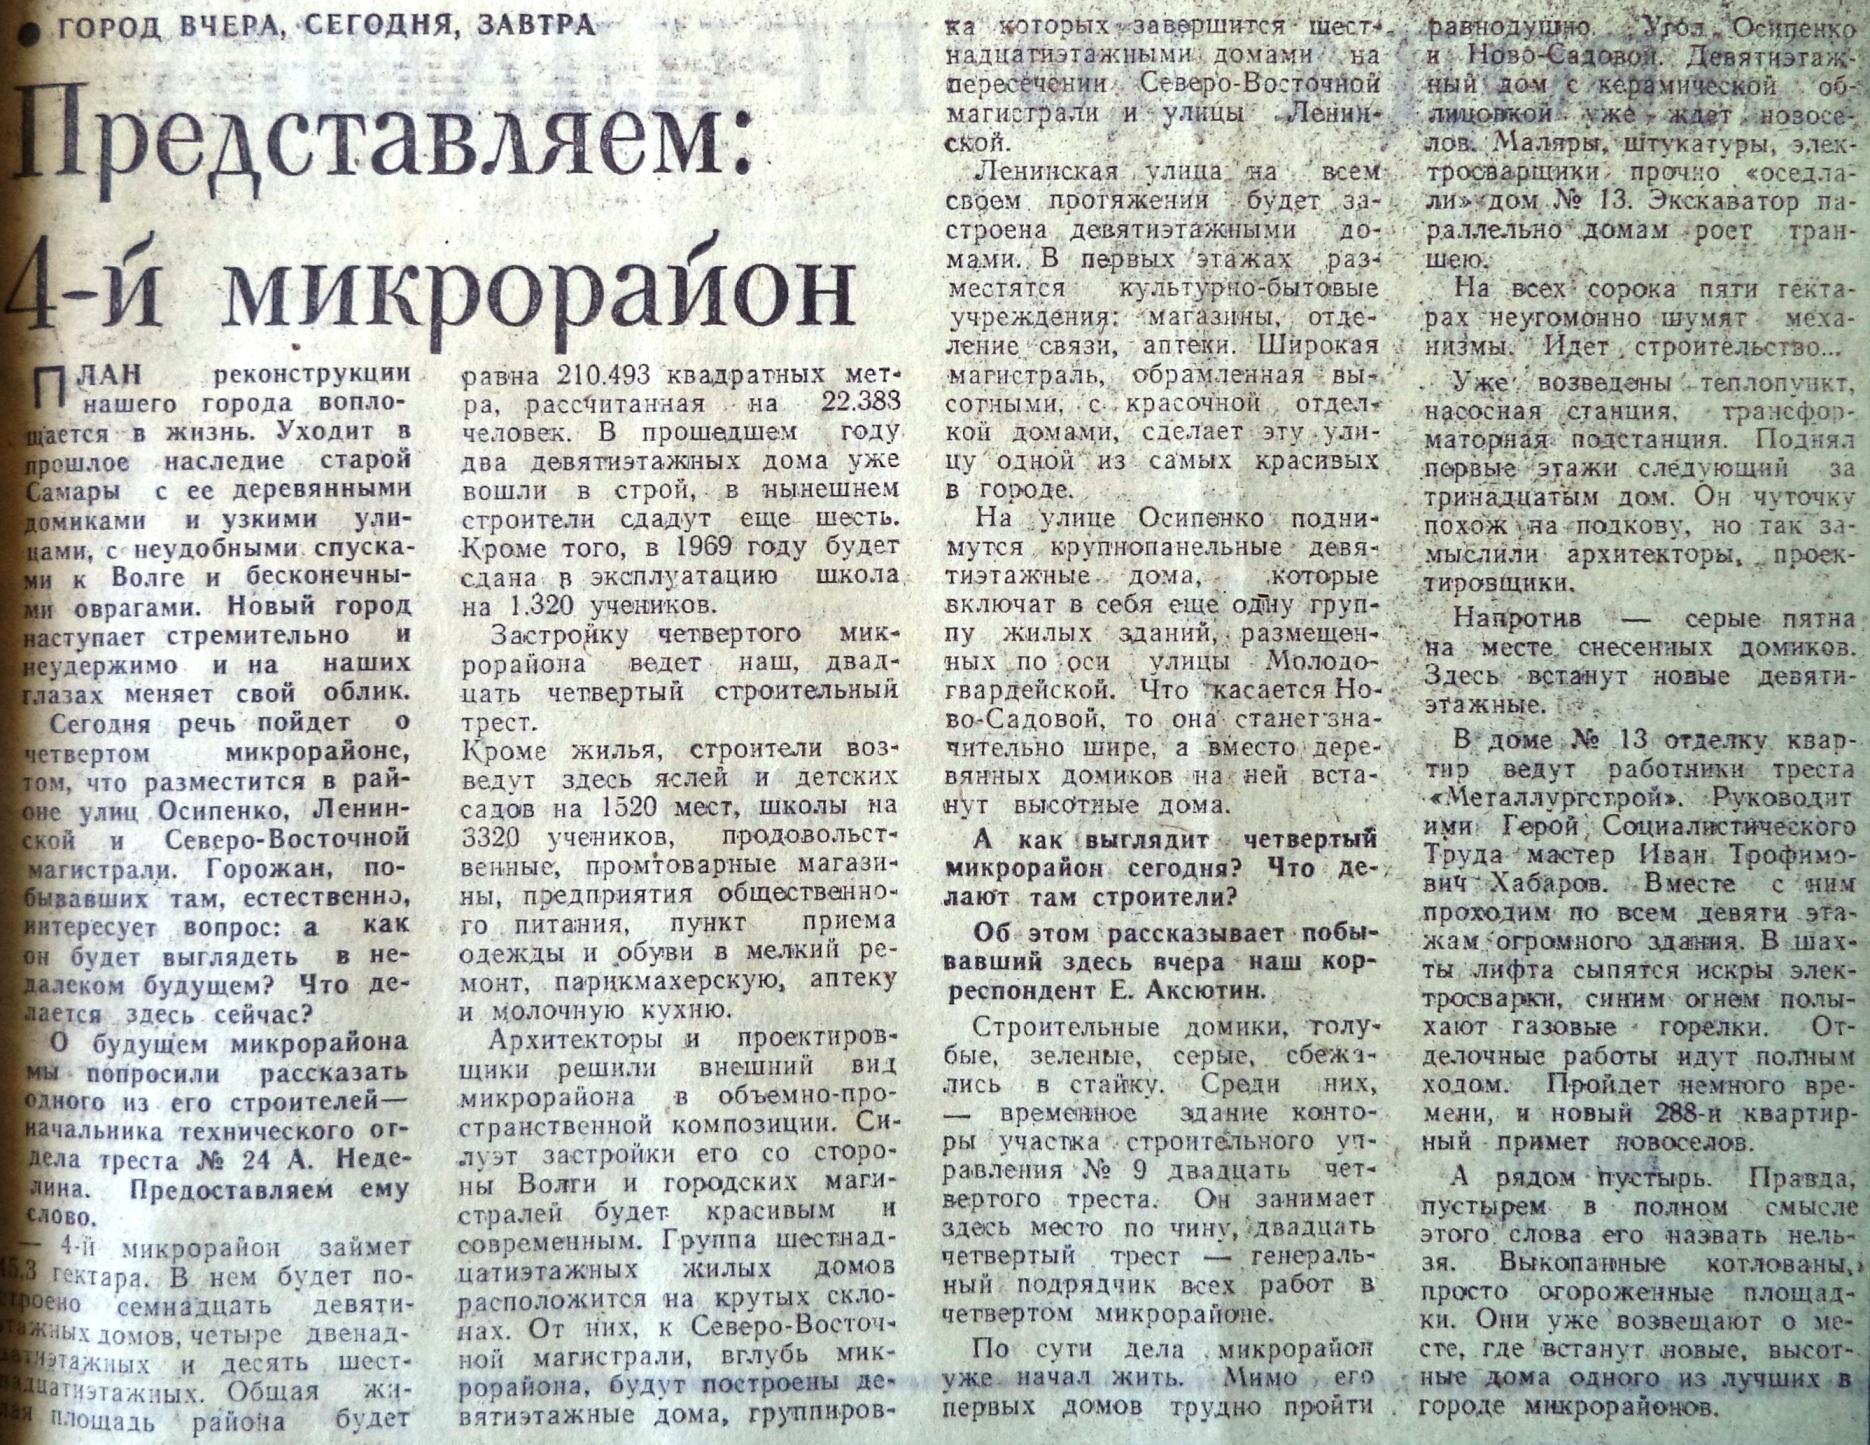 Осипенко-ФОТО-35-ВЗя-1969-01-11-про IV мкр